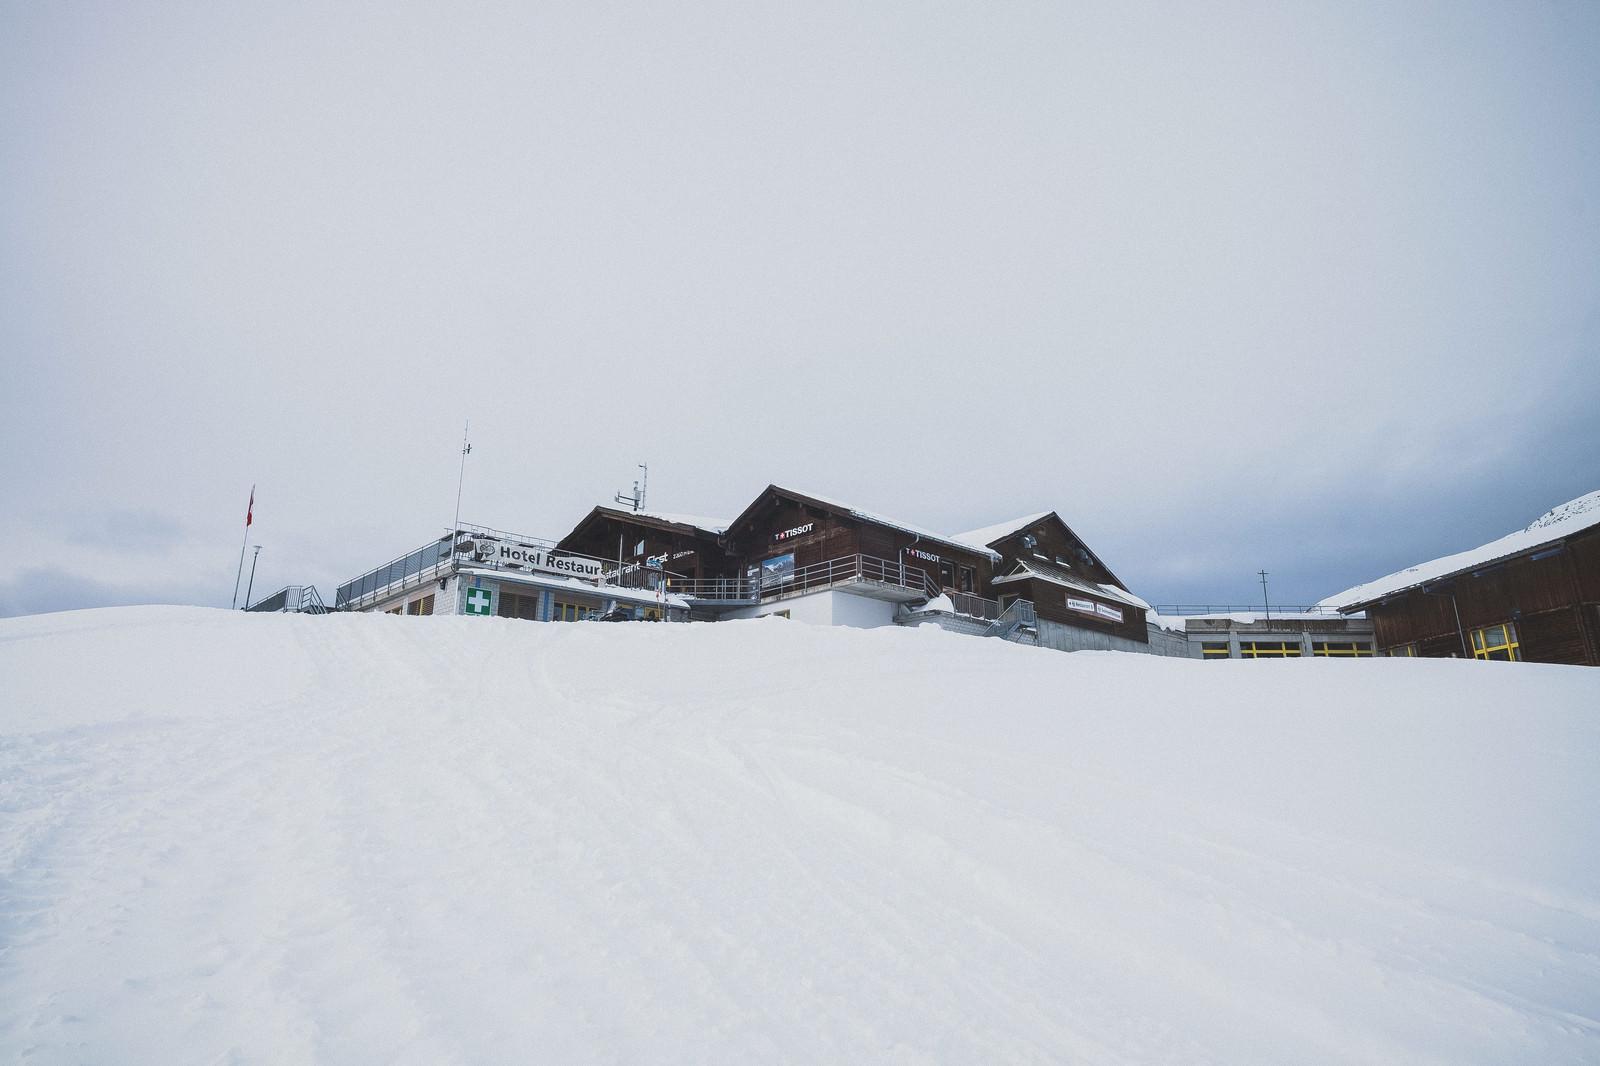 「標高2200Mにあるフィルストの宿泊施設(スイス)」の写真